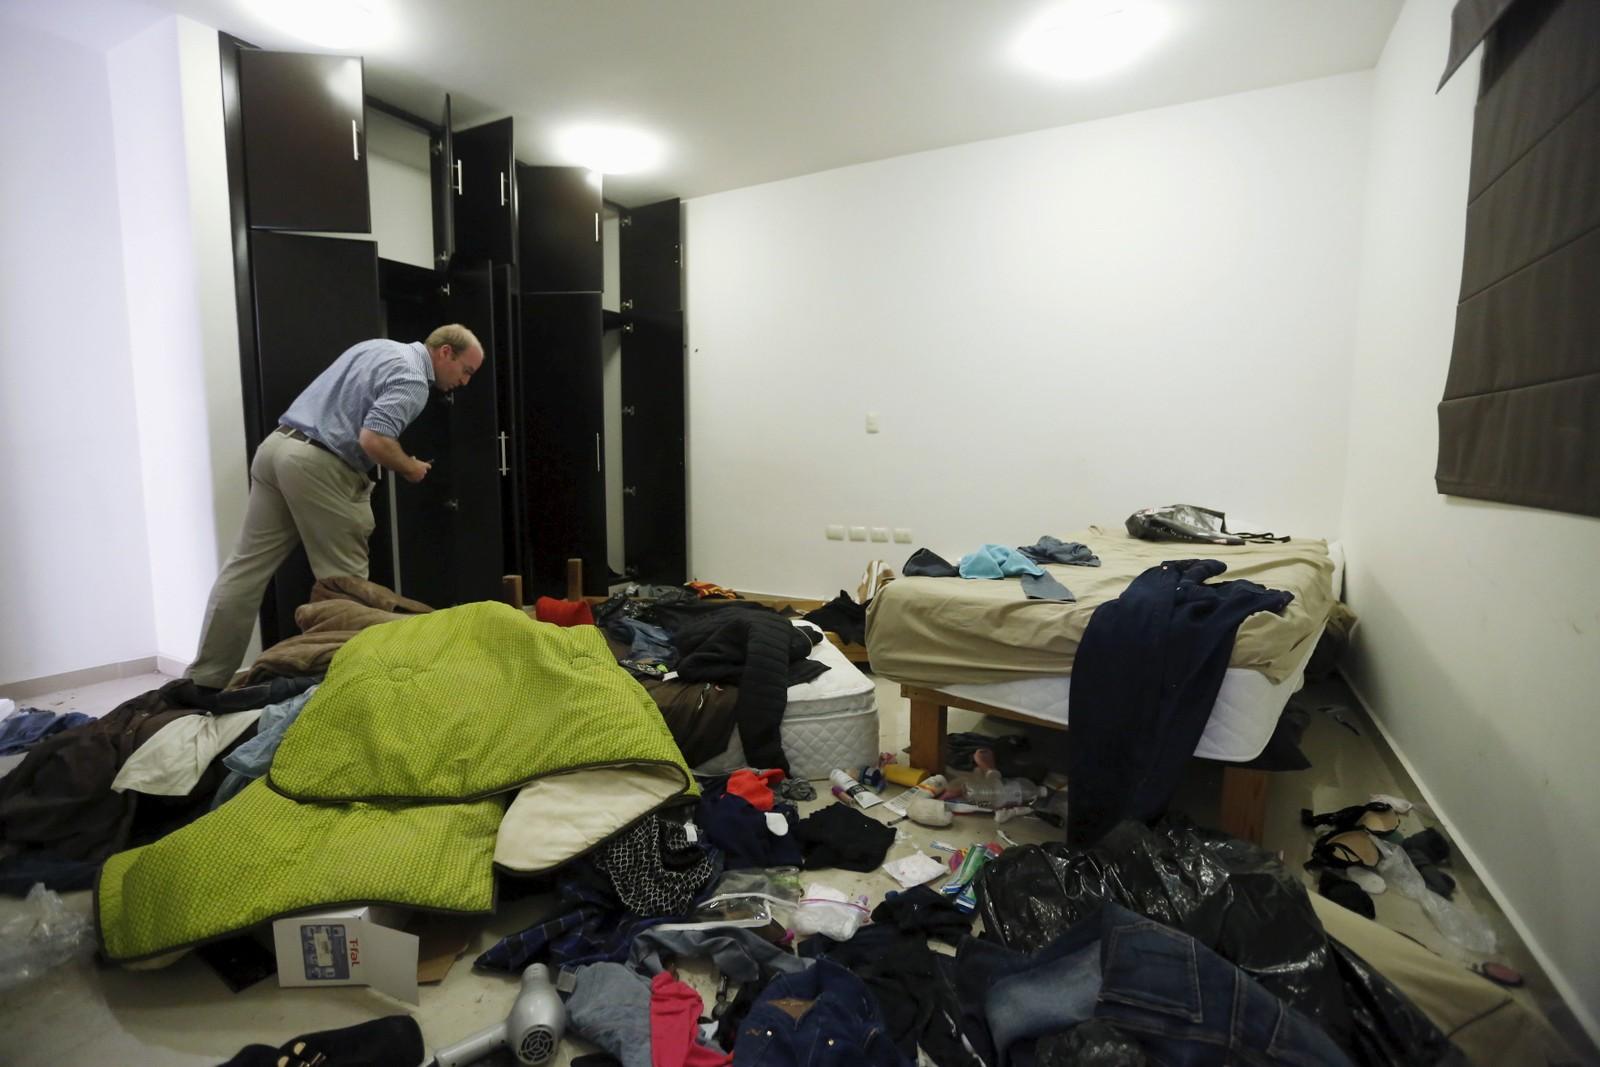 En journalist ser gjennom et av soverommene i huset.